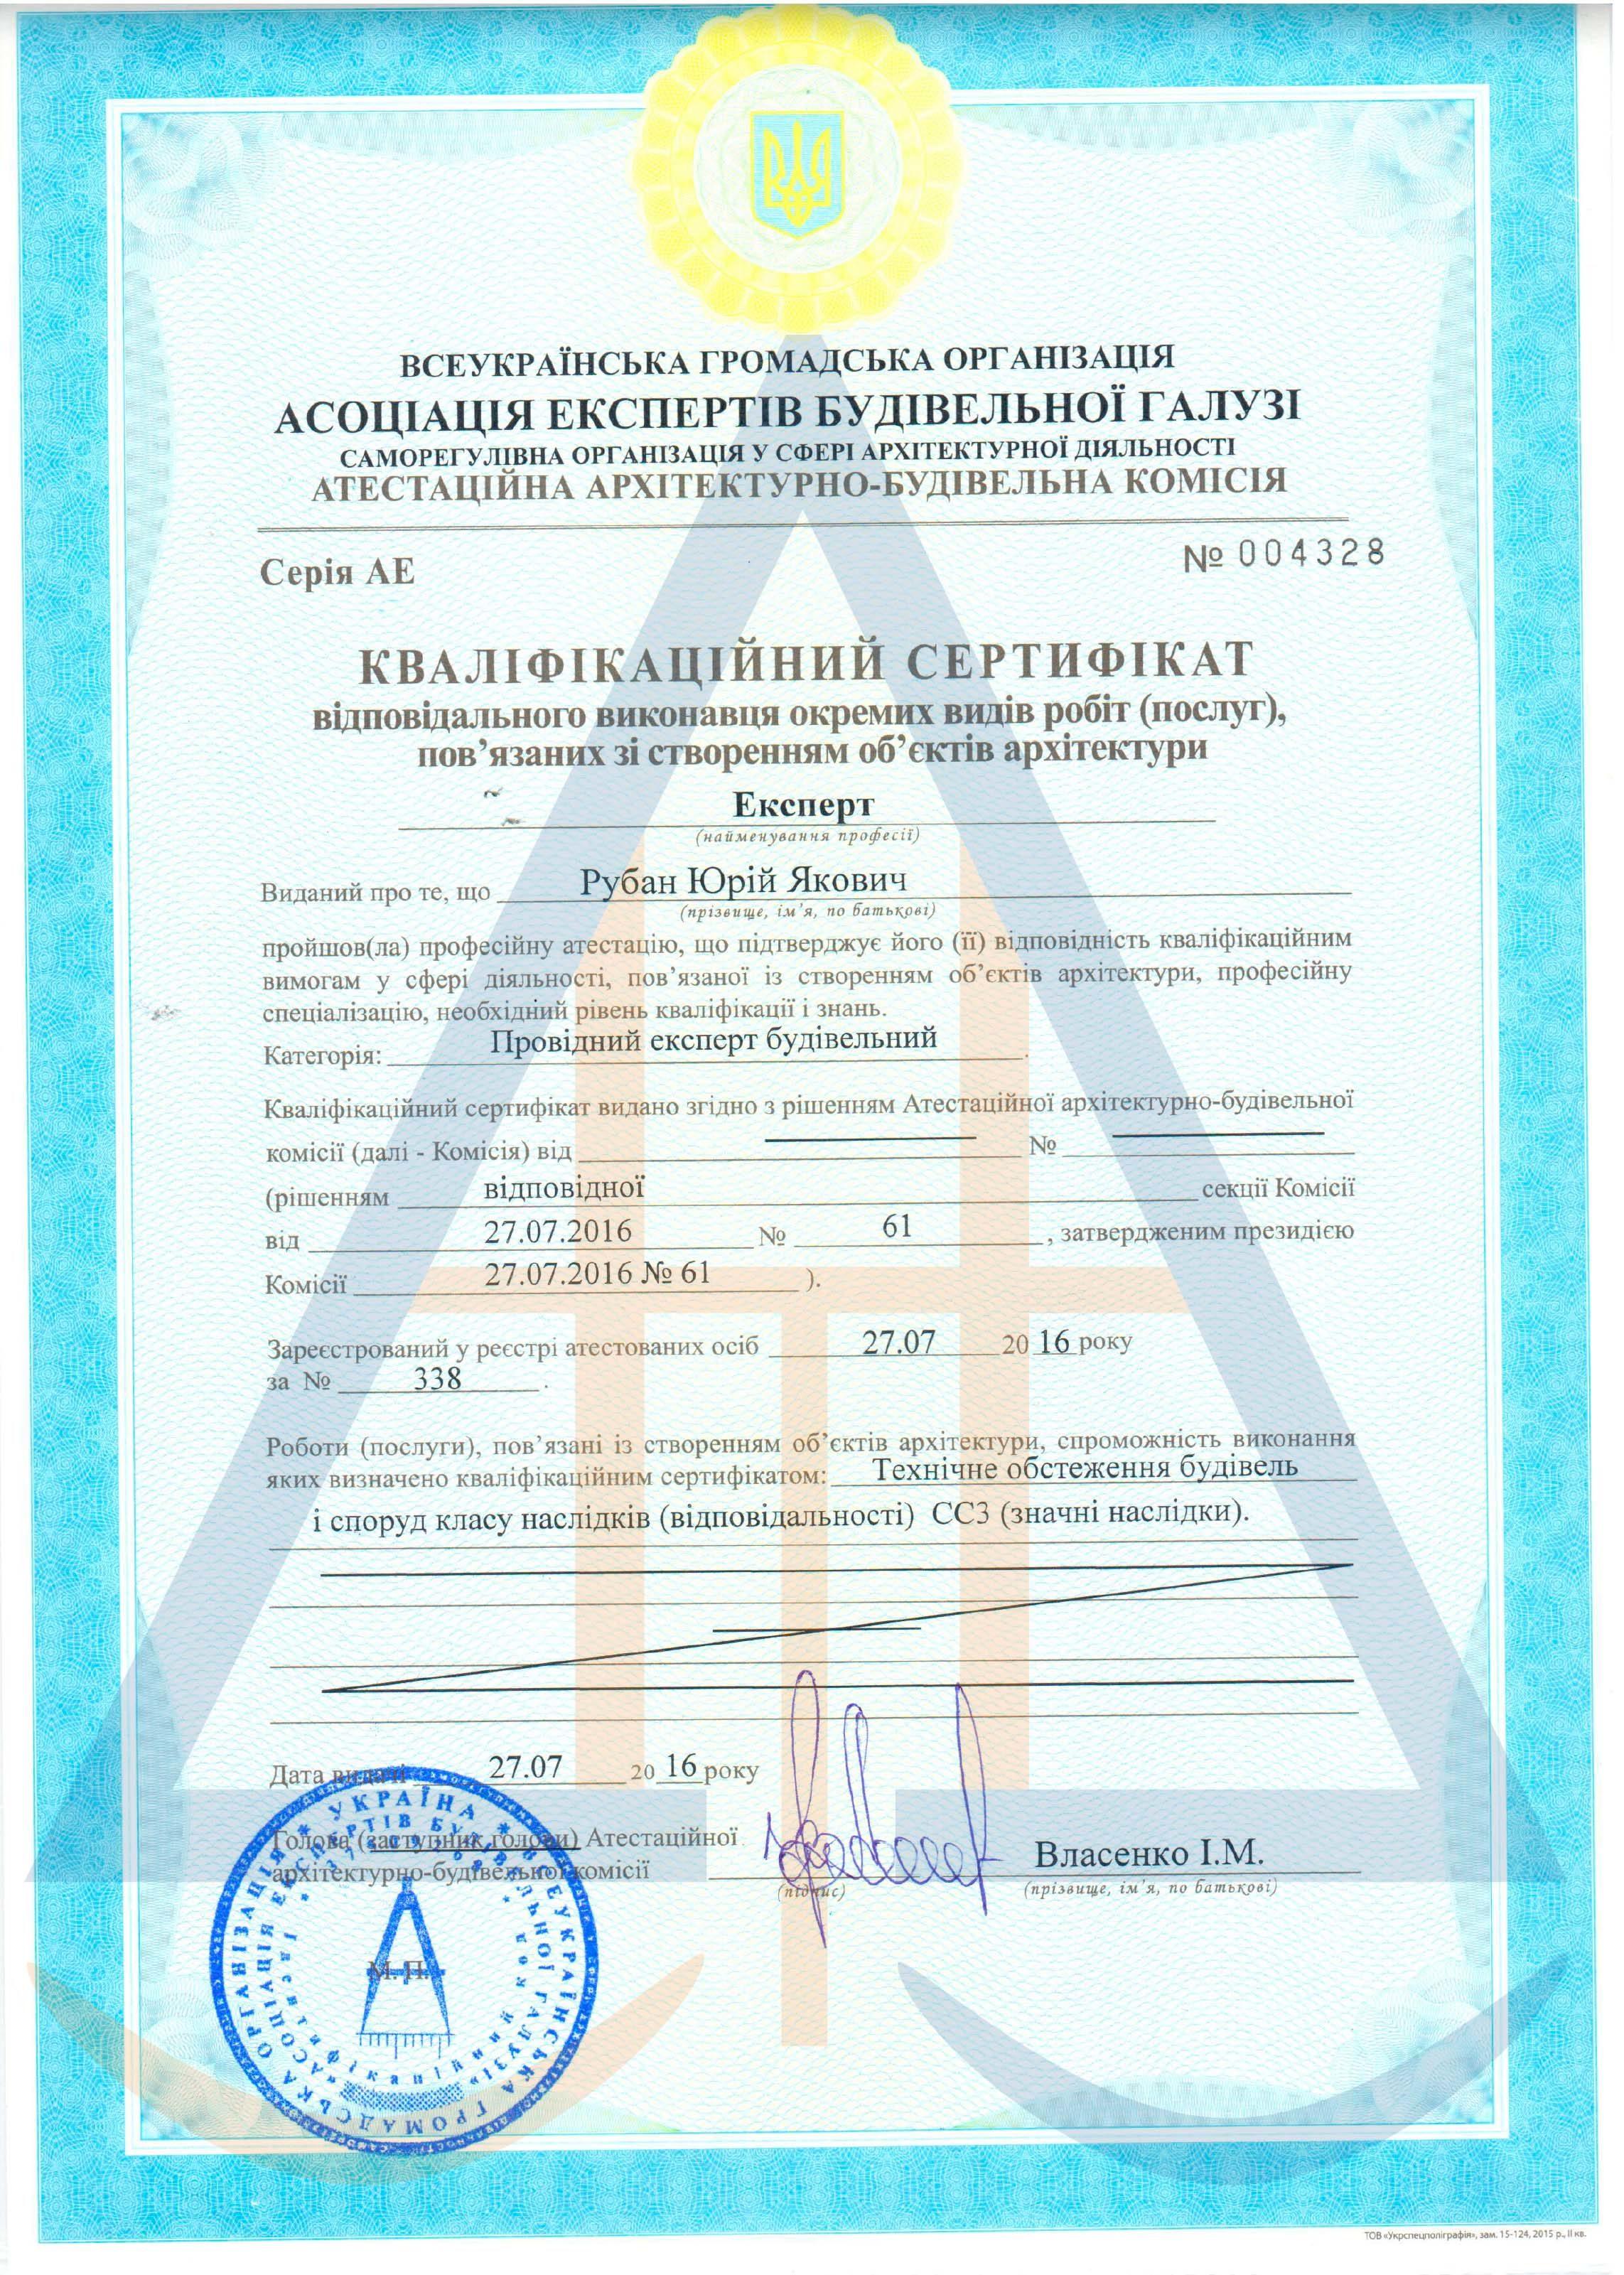 Сертифікат 6  Рубан Ю. Я. експерт